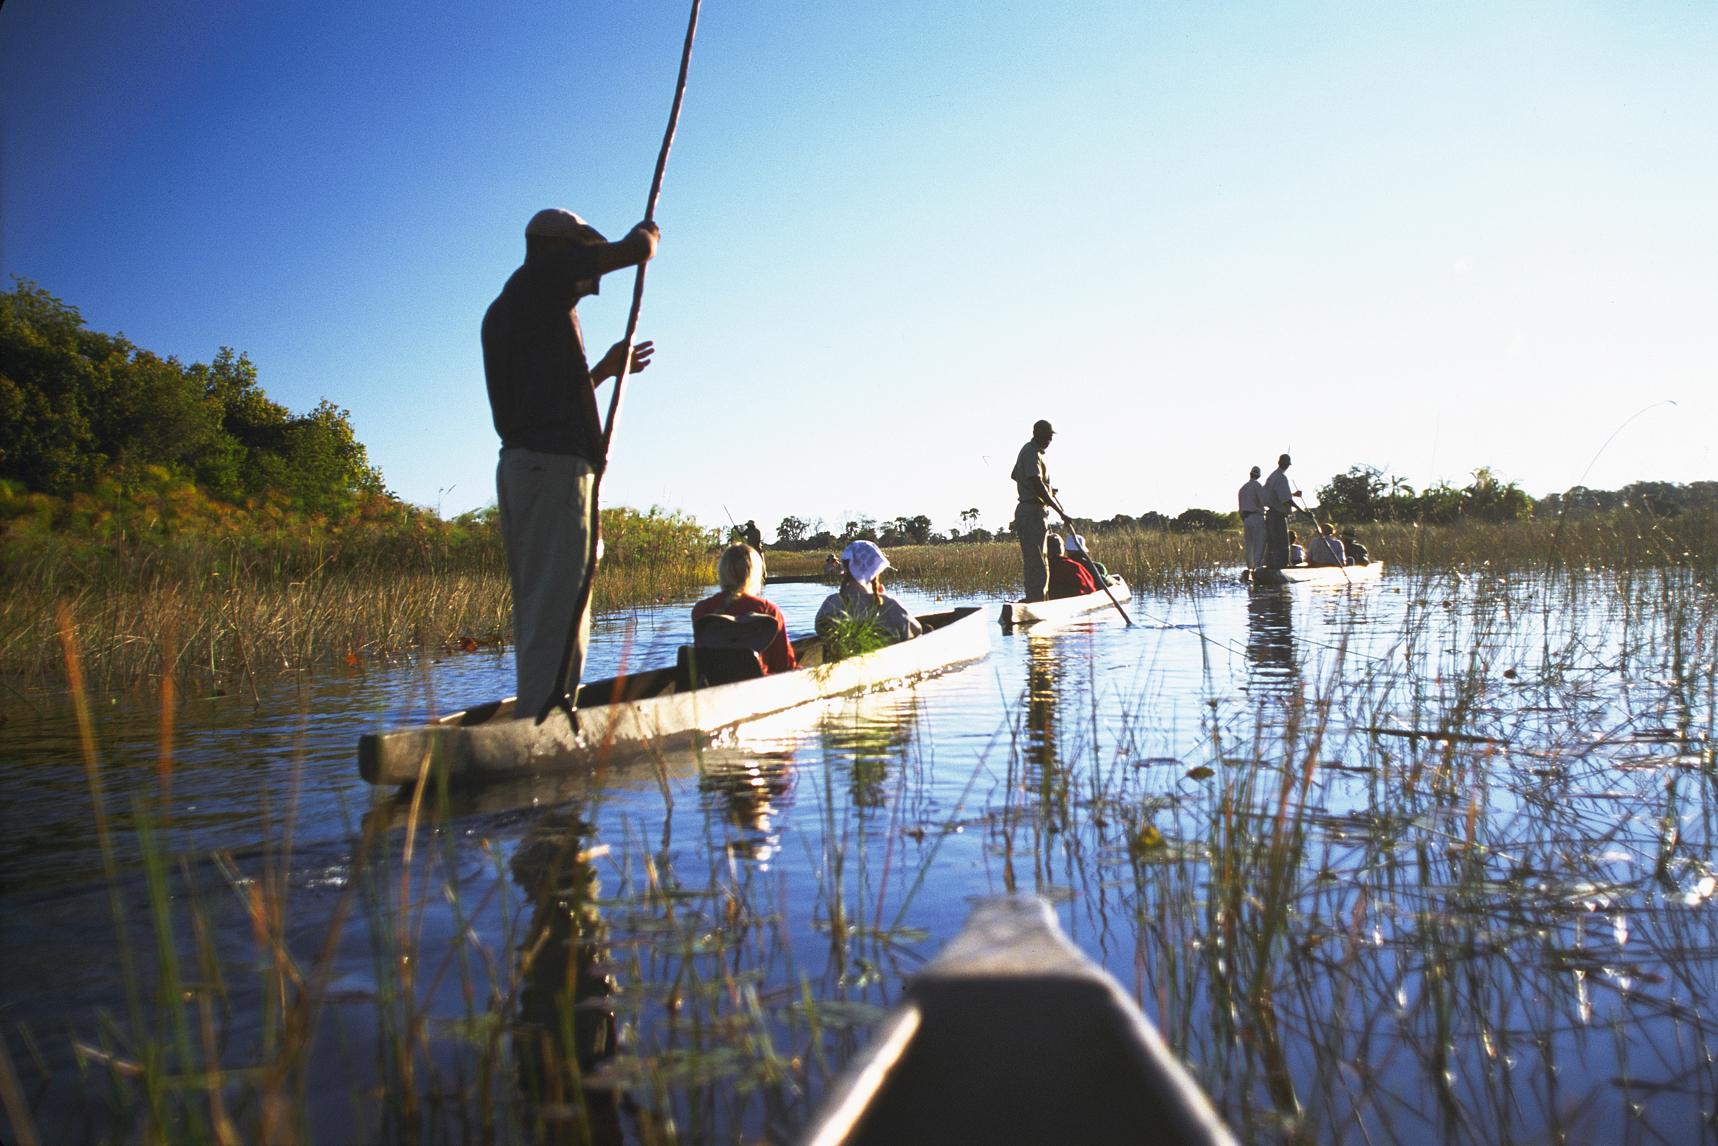 Mekoro Safari in Okavango Delta, Botswana